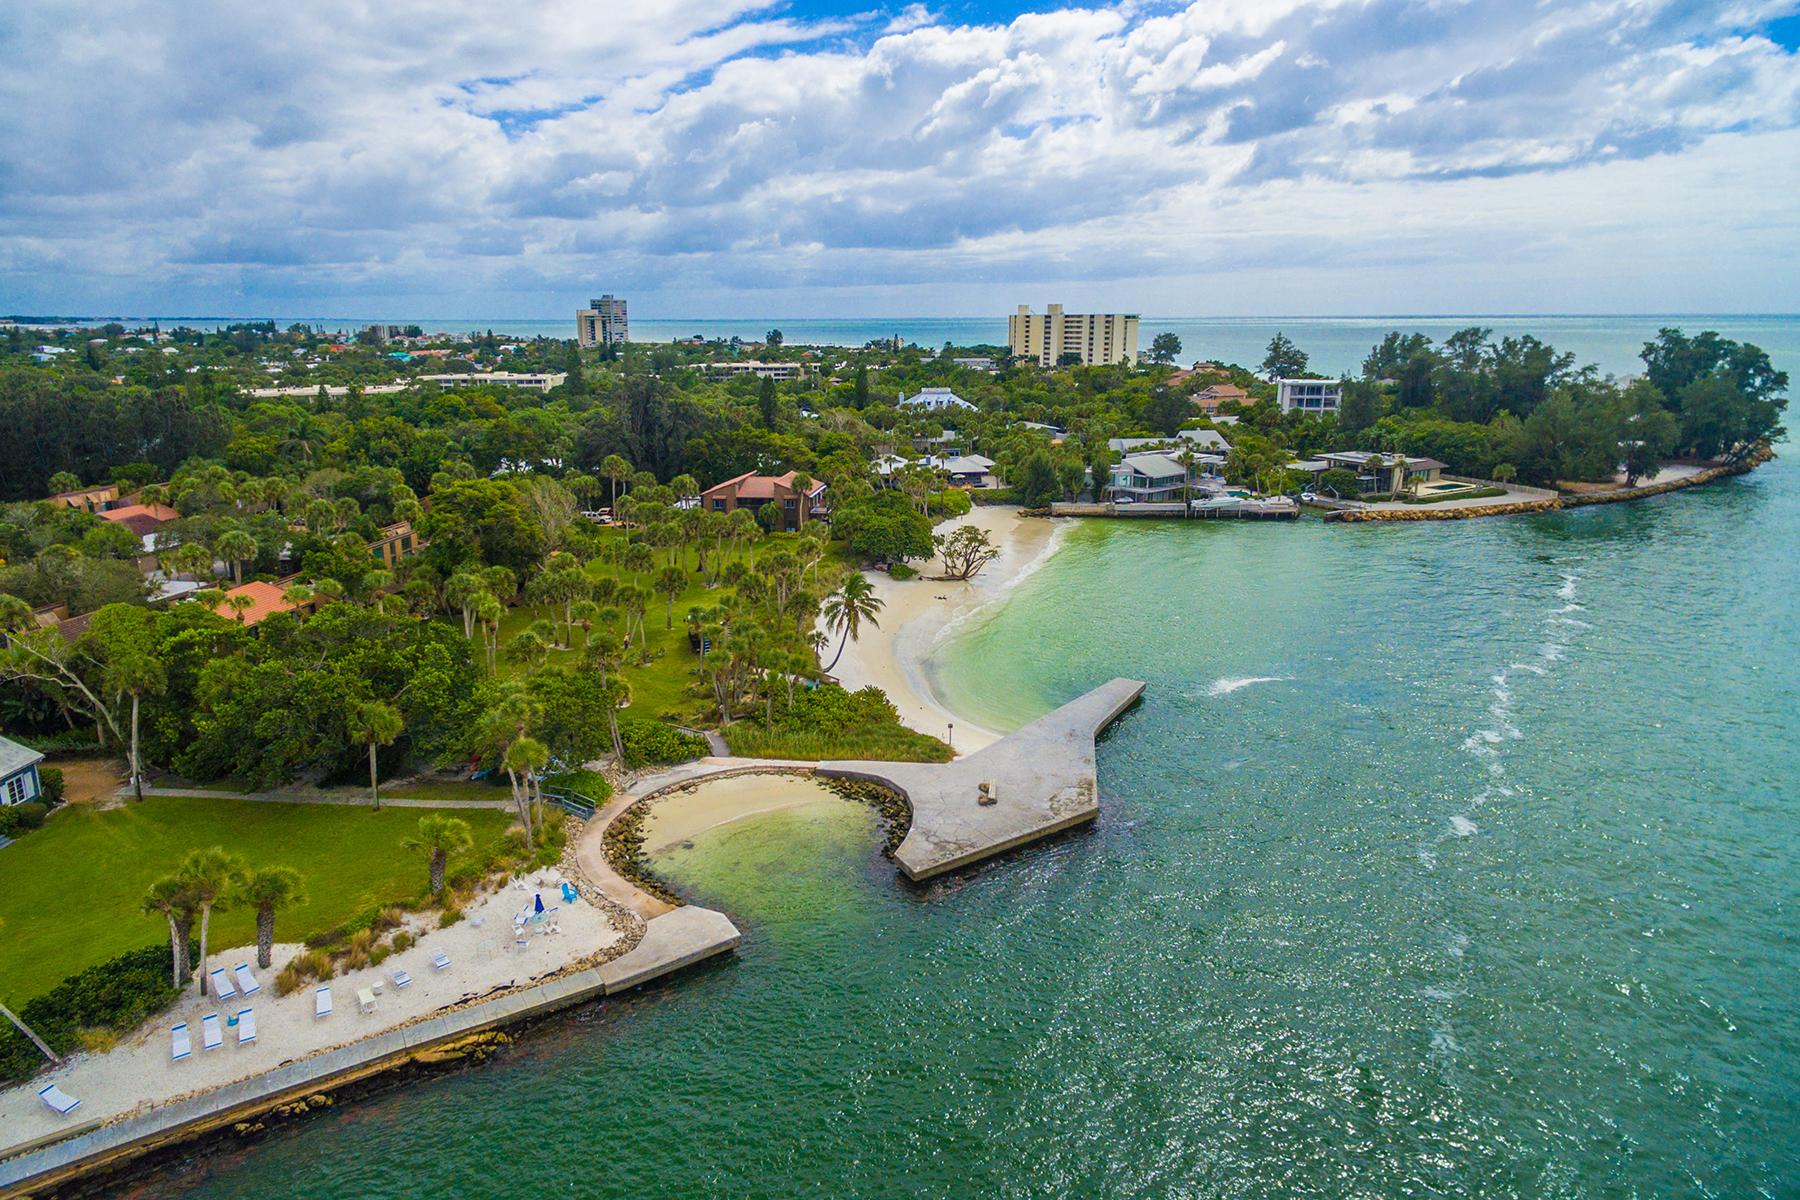 Nhà chung cư vì Bán tại SANDY COVE 207 Pass Key Rd 207 Sarasota, Florida, 34242 Hoa Kỳ